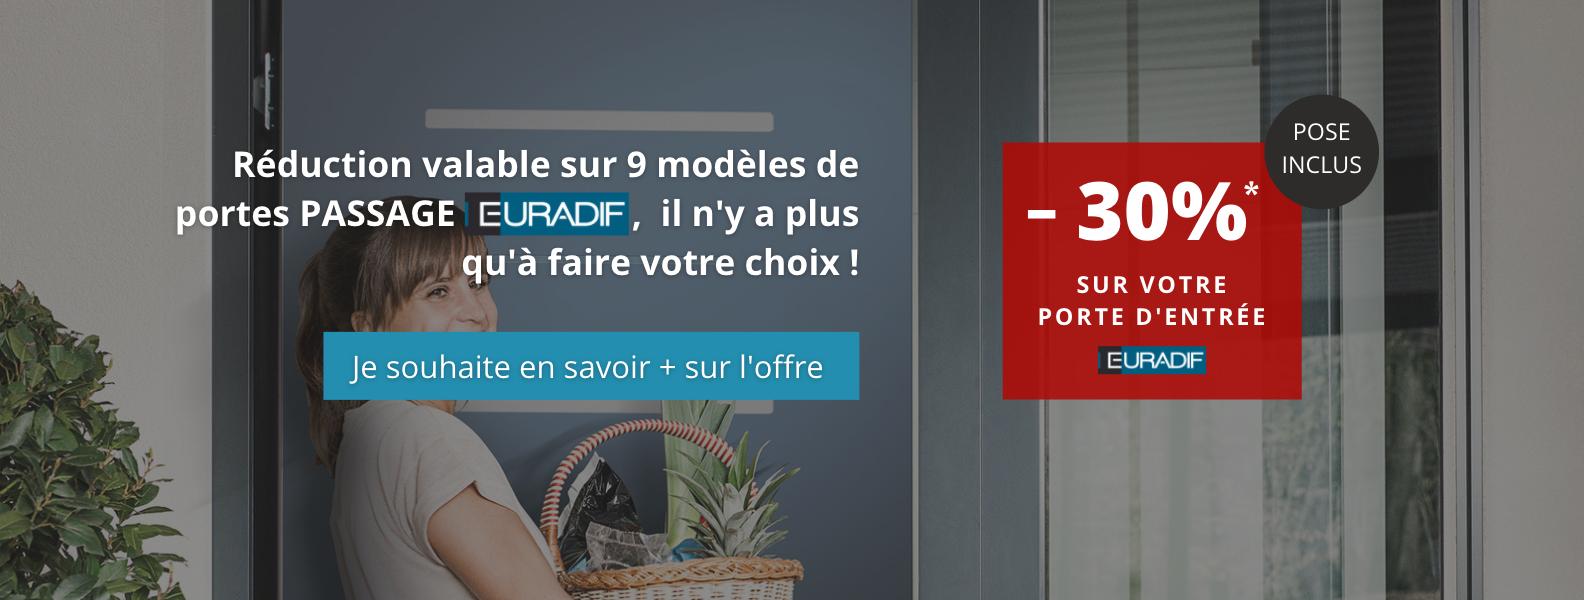 Jusqu'à 30% de réduction sur votre porte d'entrée EURADIF gamme PASSAGE